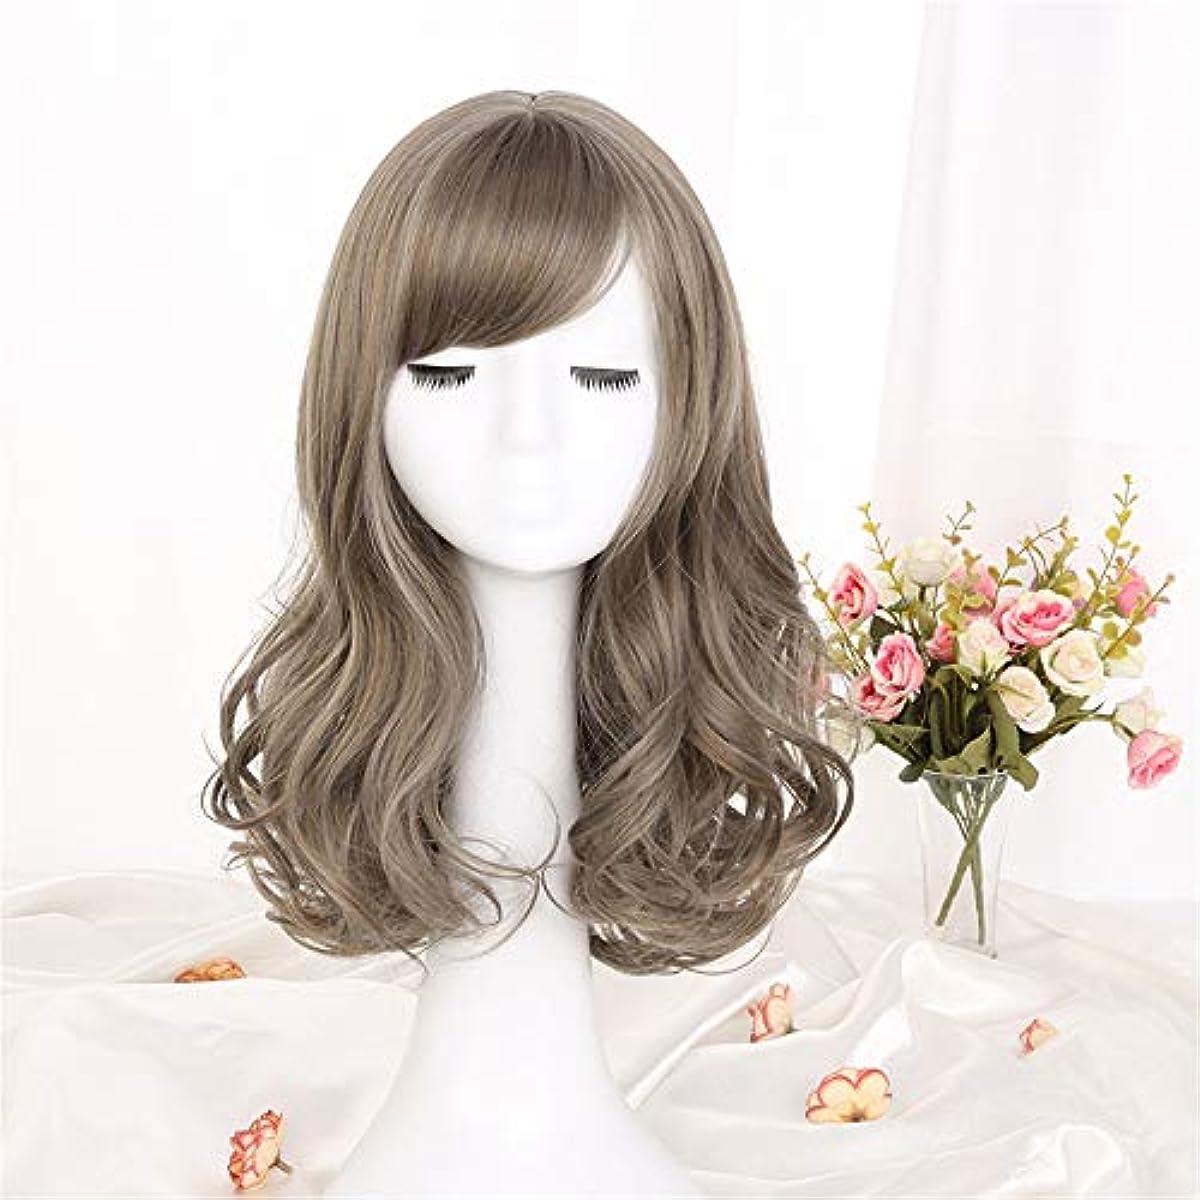 公演知覚できるチーターウィッグ髪化学繊維フードミディアム長波高温合成繊維ウィッグ女性用ウィッググリーンウッドリネンアッシュ42cm